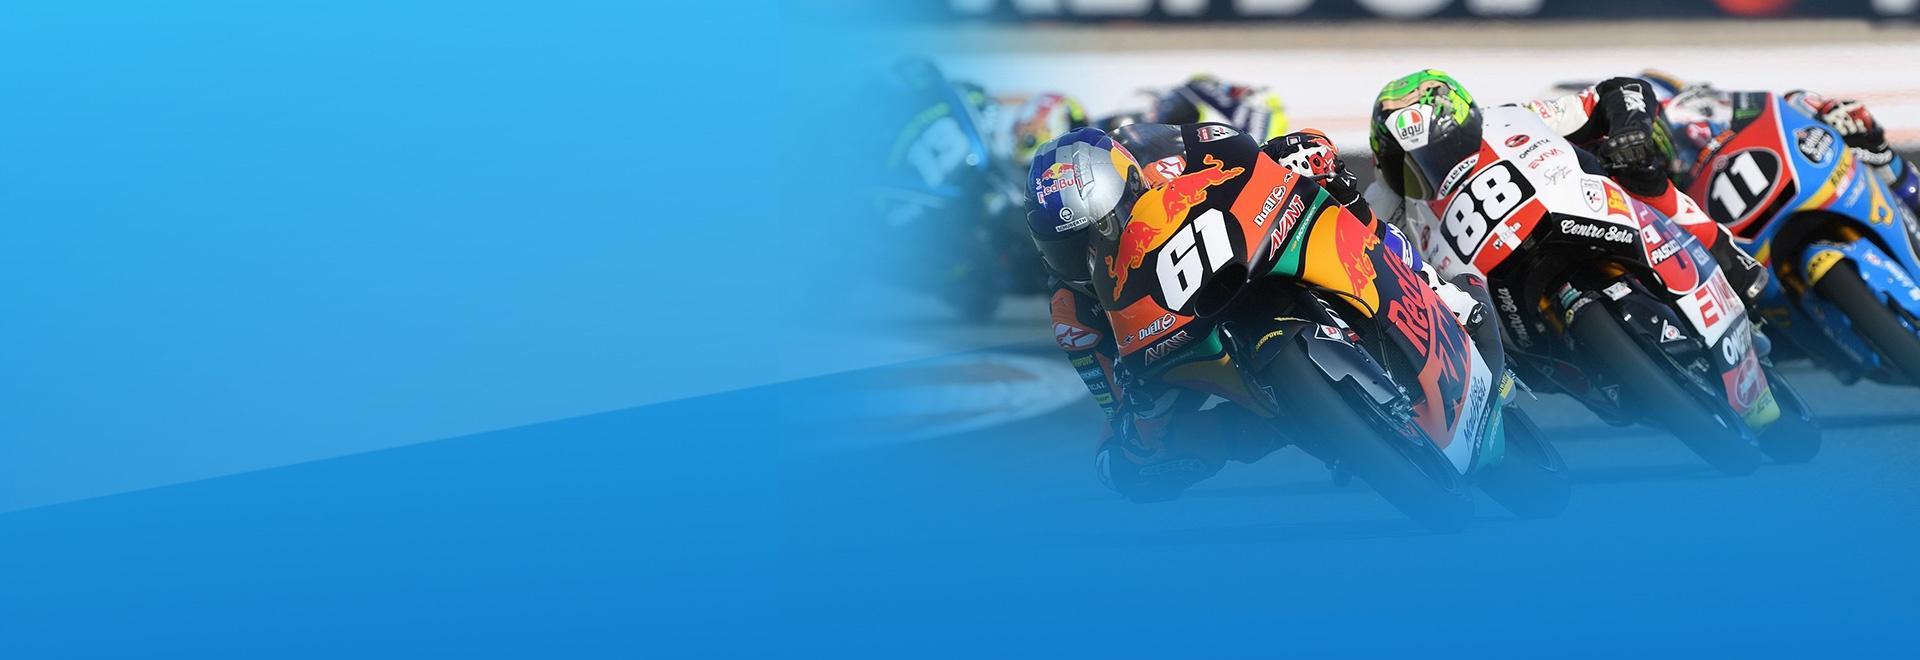 GP Aragona: Moto2. Gara 1